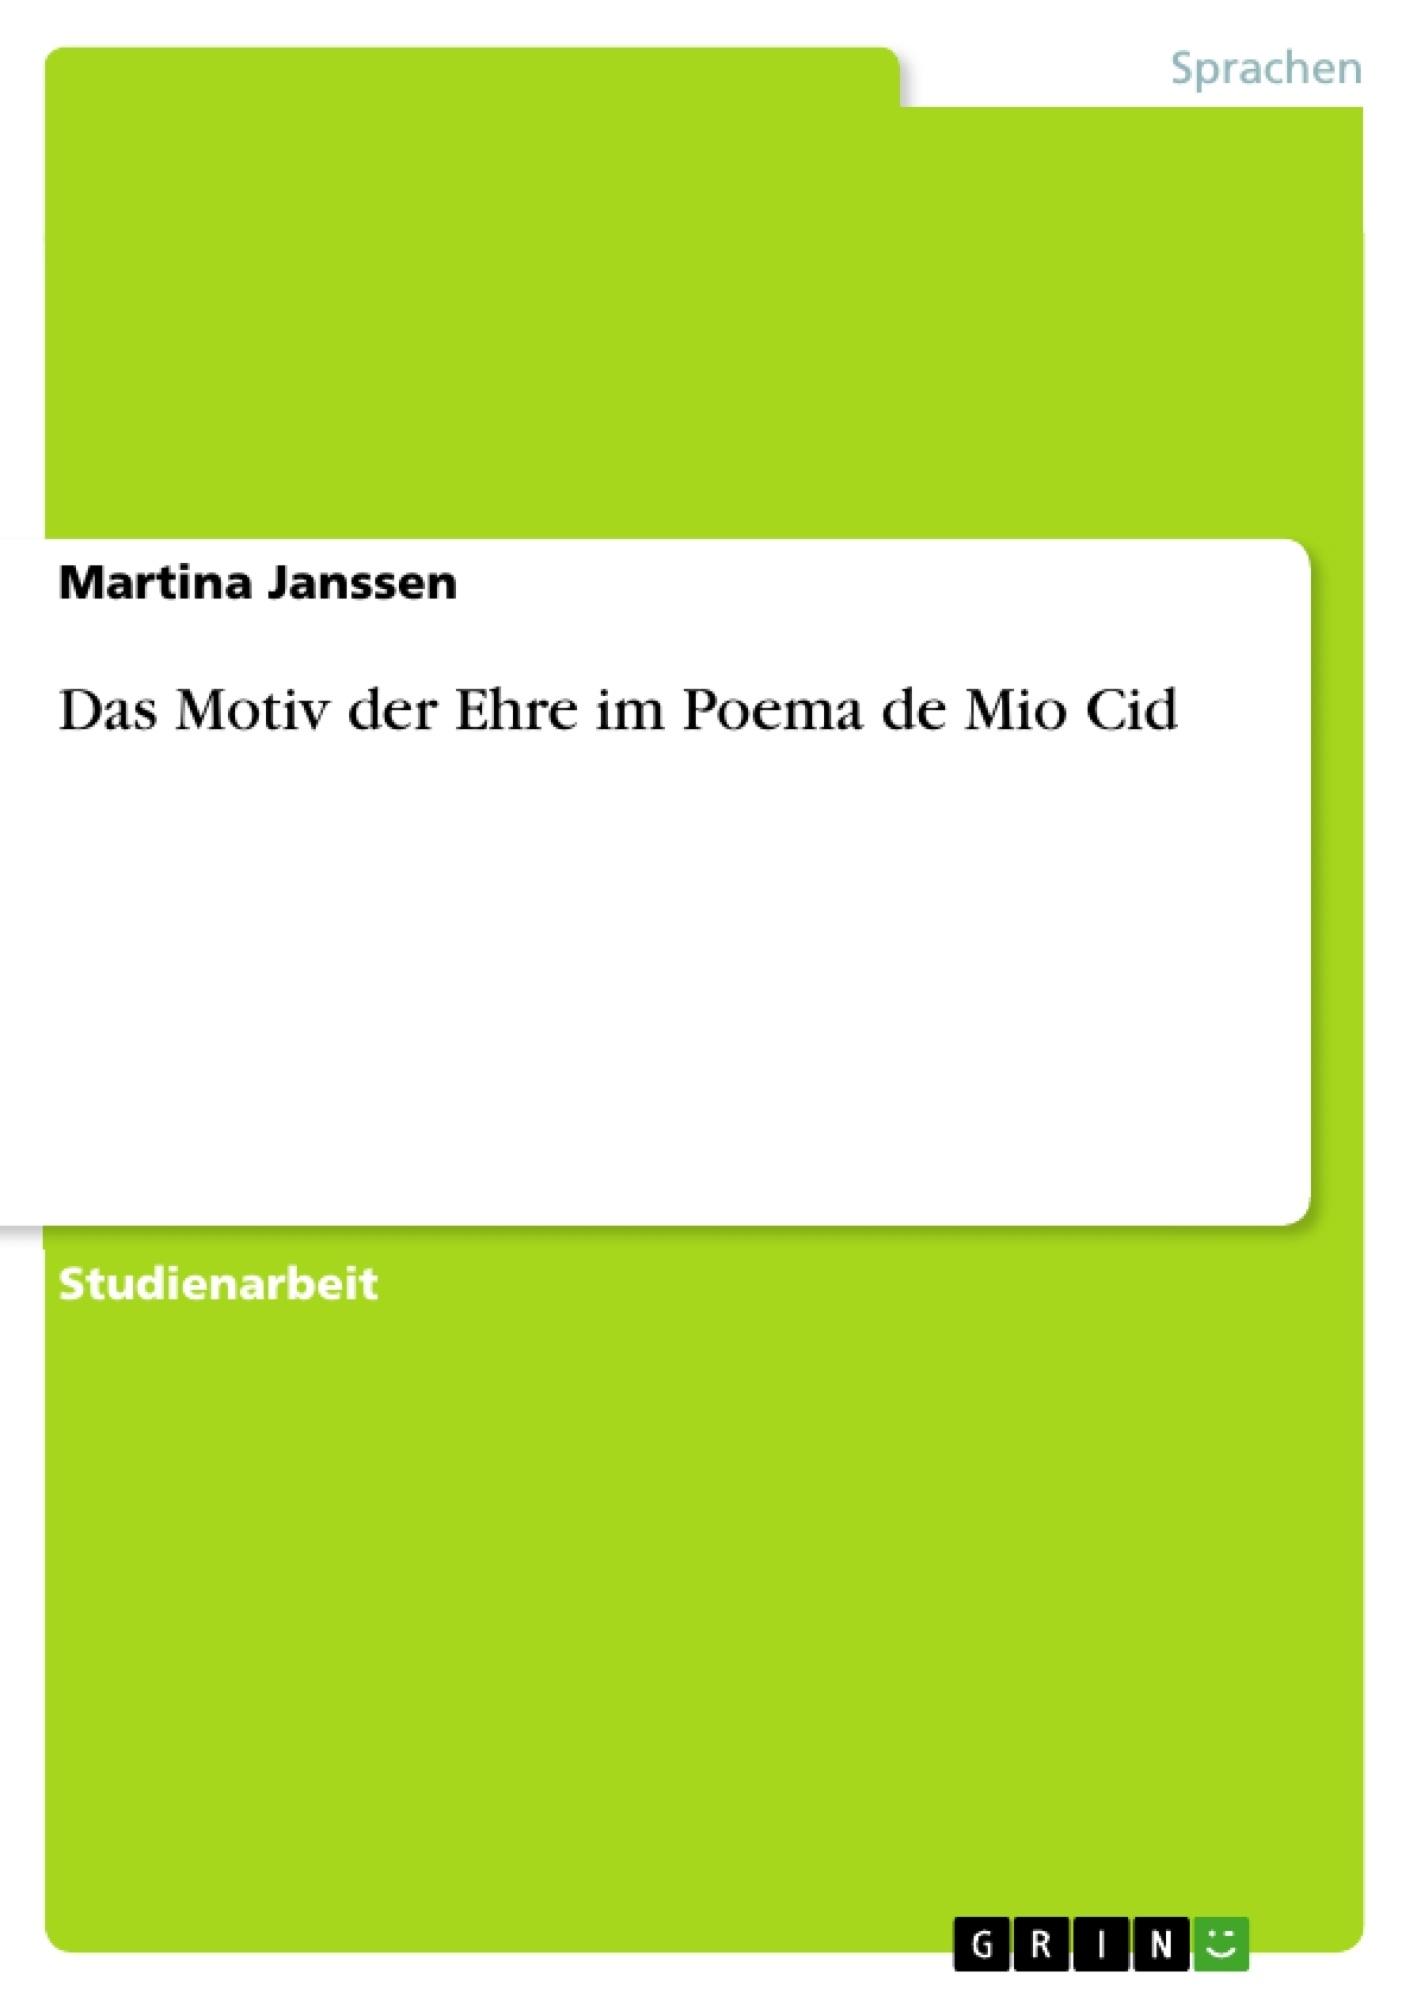 Titel: Das Motiv der Ehre im Poema de Mio Cid